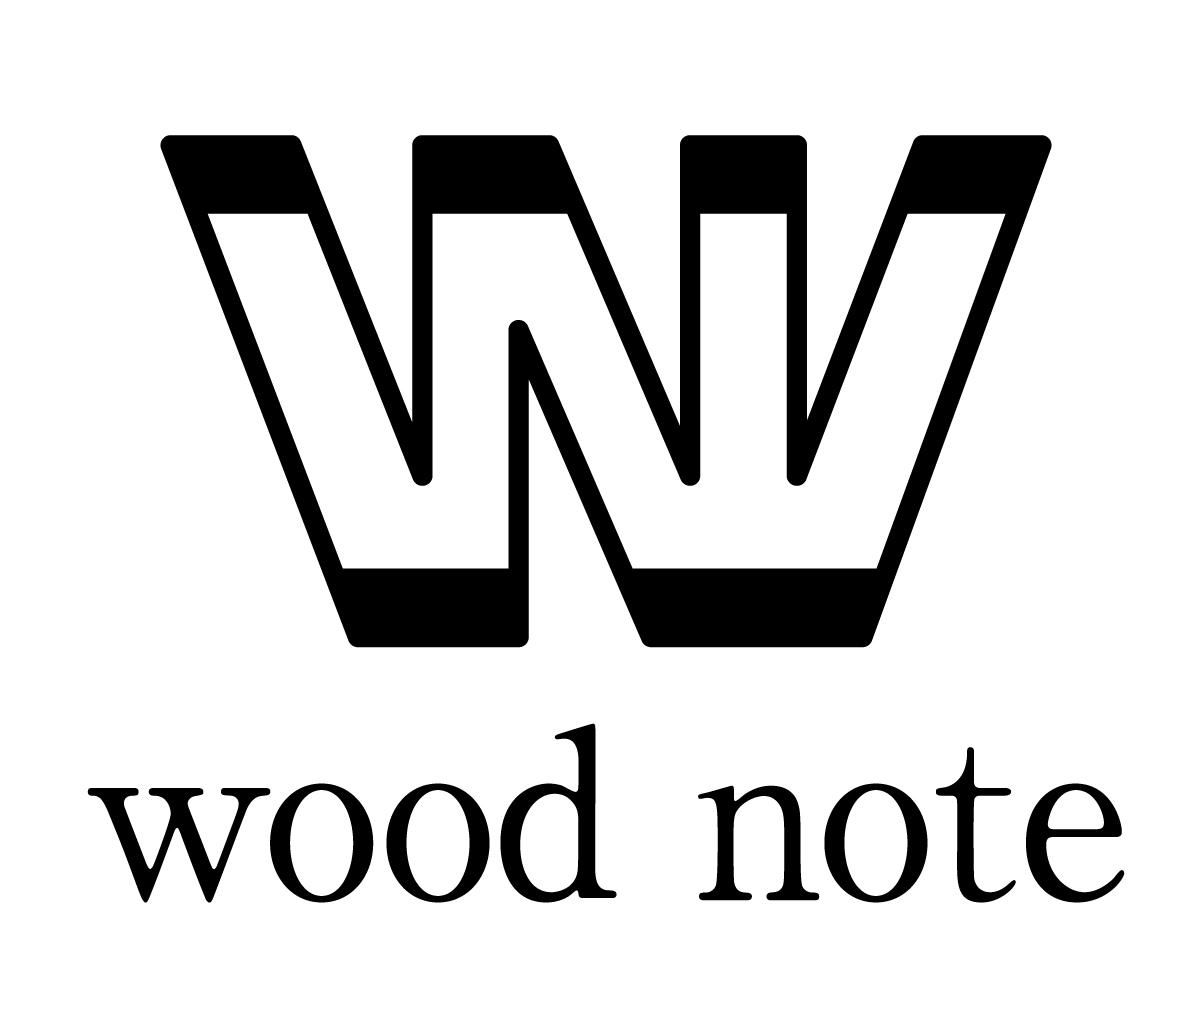 woodnote(ウッドノート)